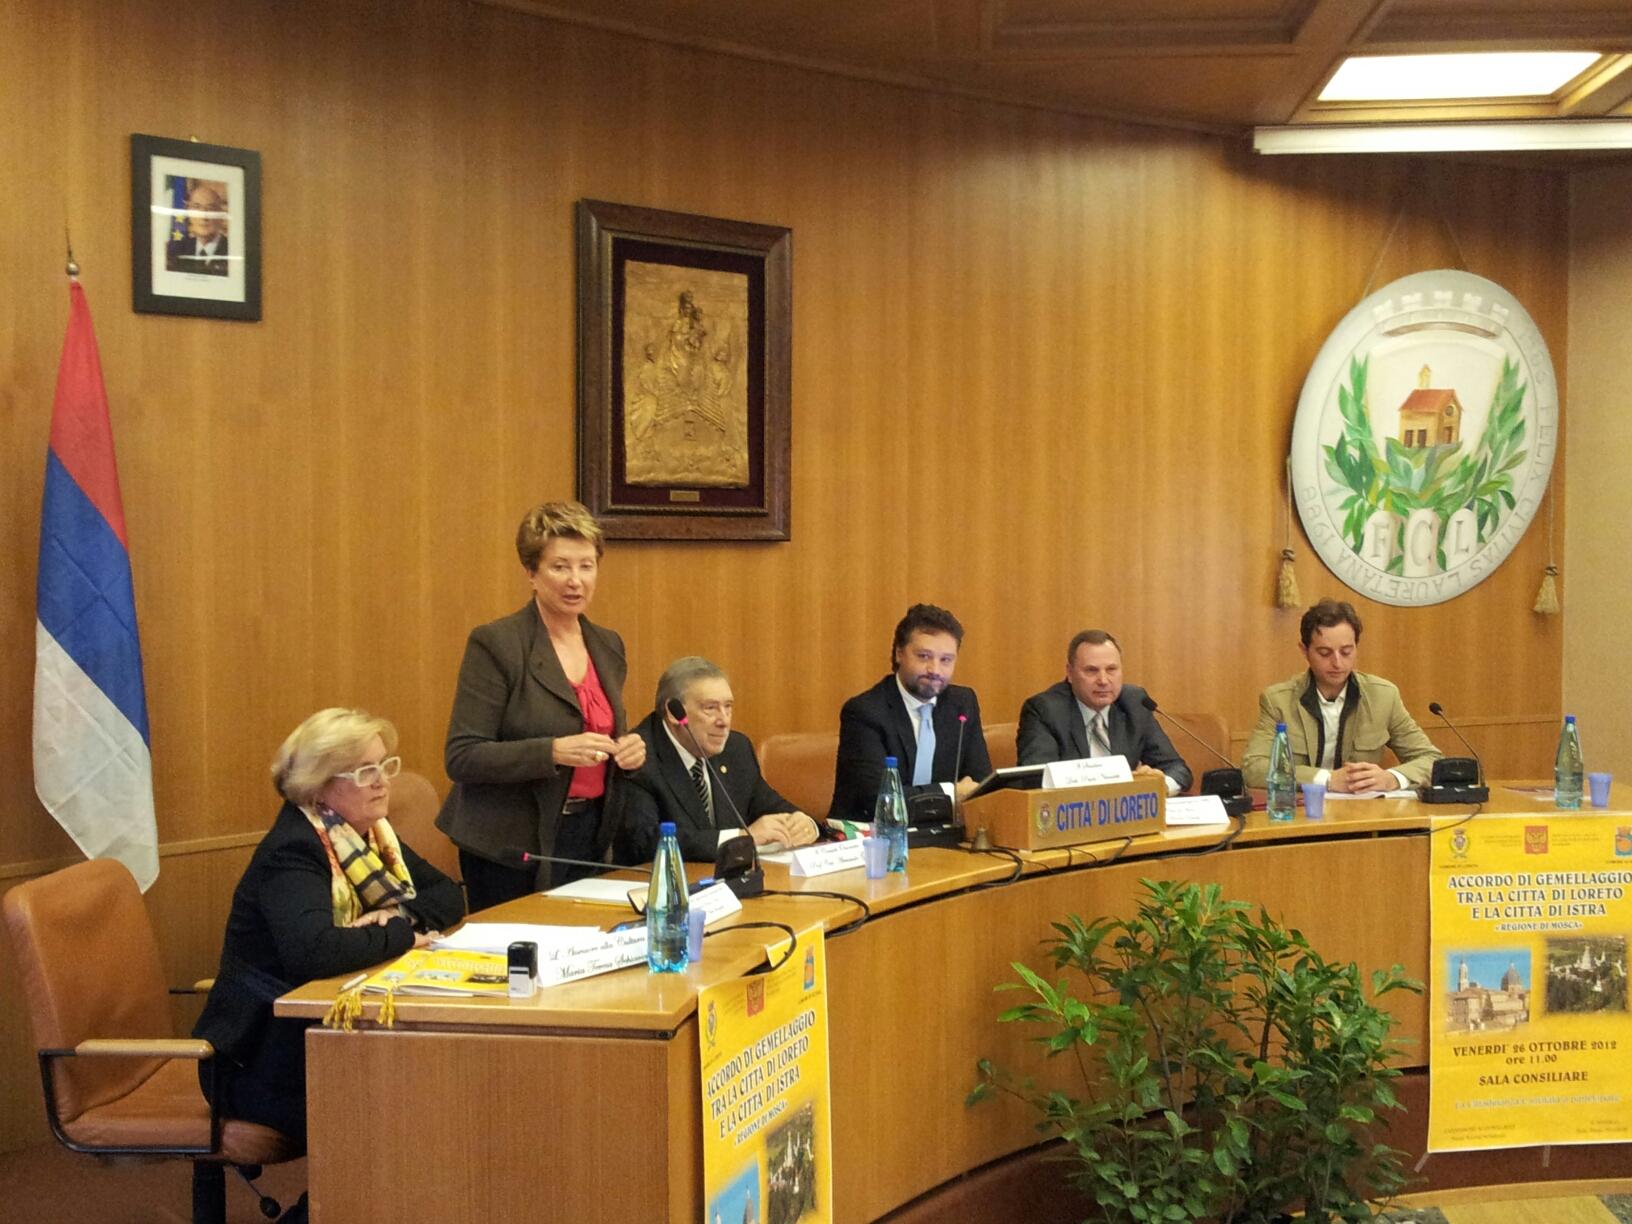 Firma dell'accordo di gemellaggio tra le città di Loreto e Istra (Mosca)